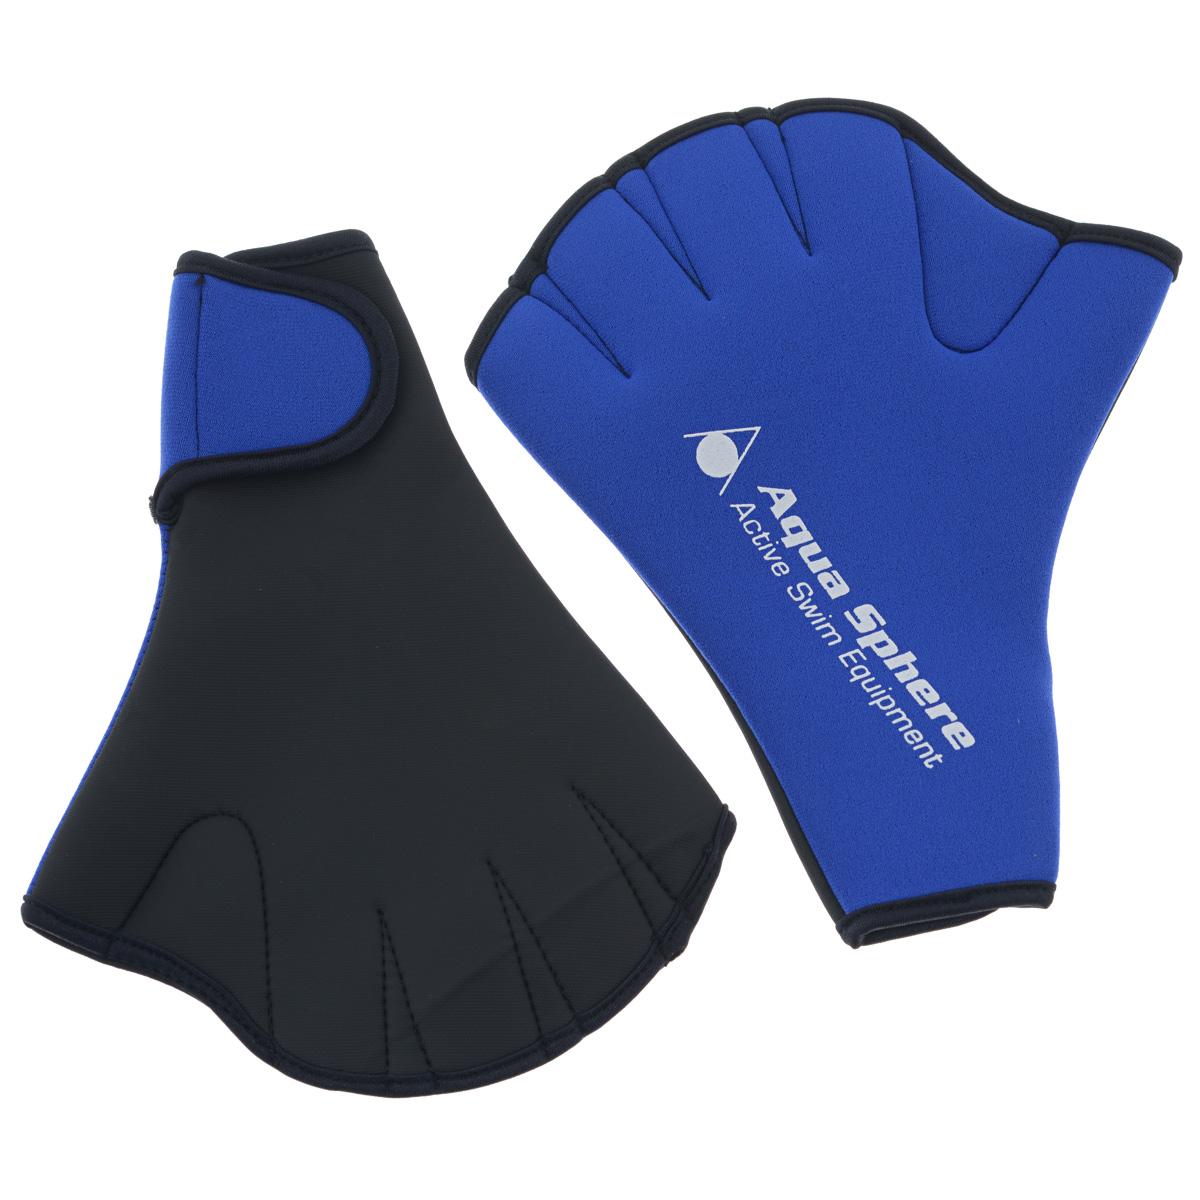 Перчатки для рук Aqua Sphere  Swim Glove , цвет: синий. Размер S - Дайвинг